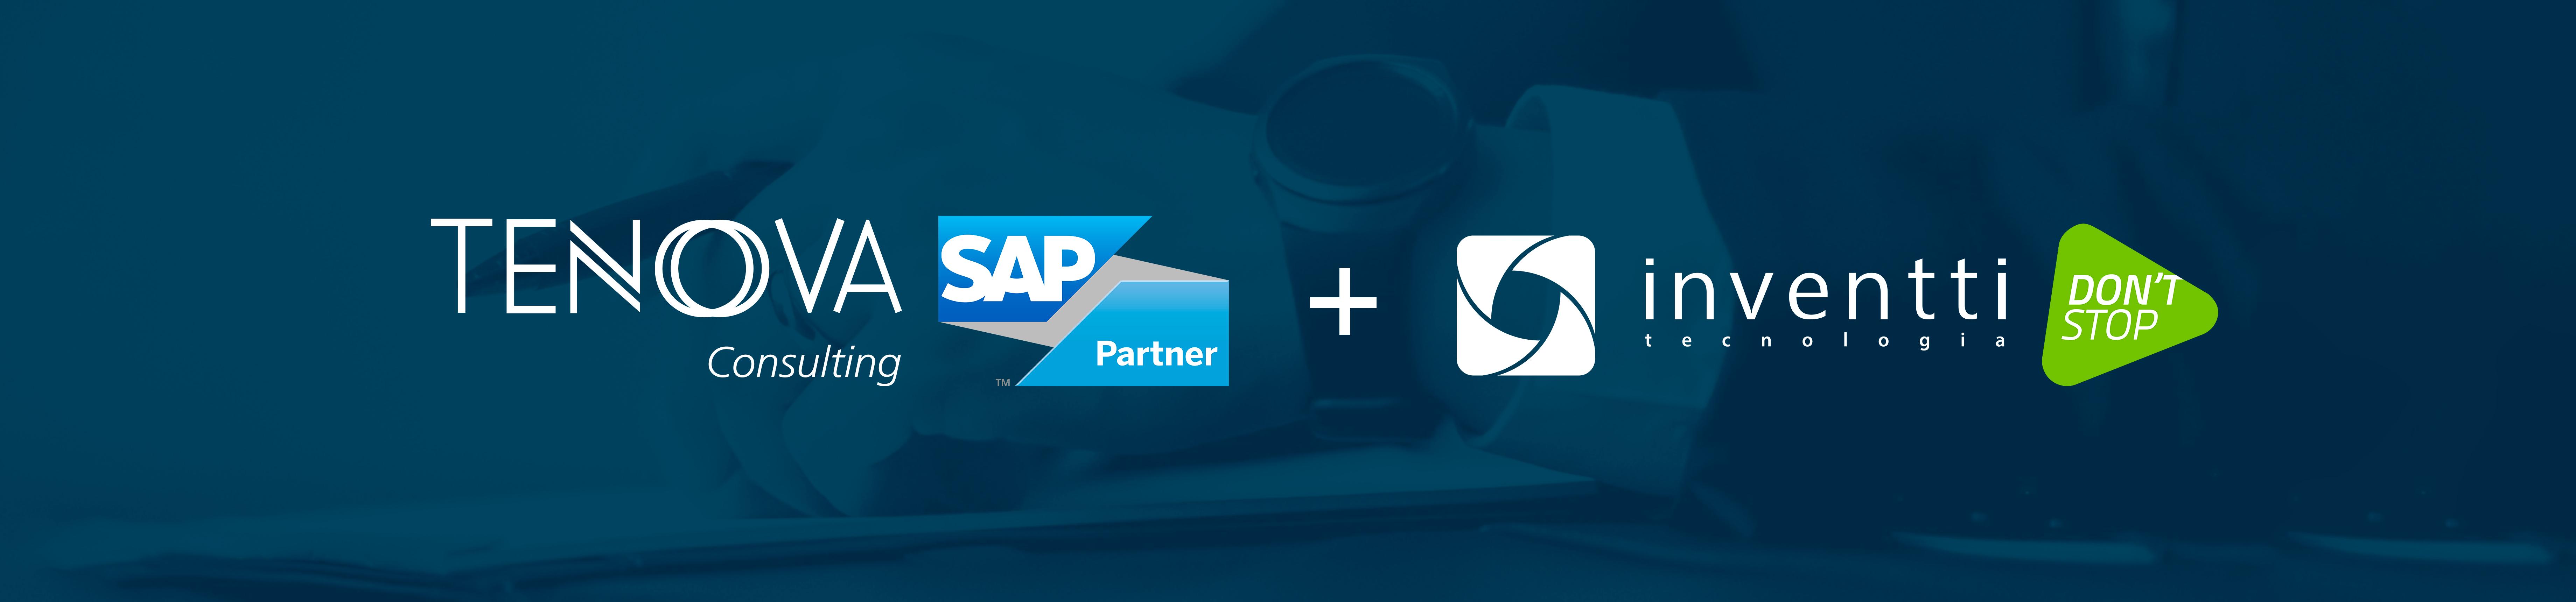 Inventti e Tenova lançam solução inovadora de integração SAP para documentos fiscais eletrônicos